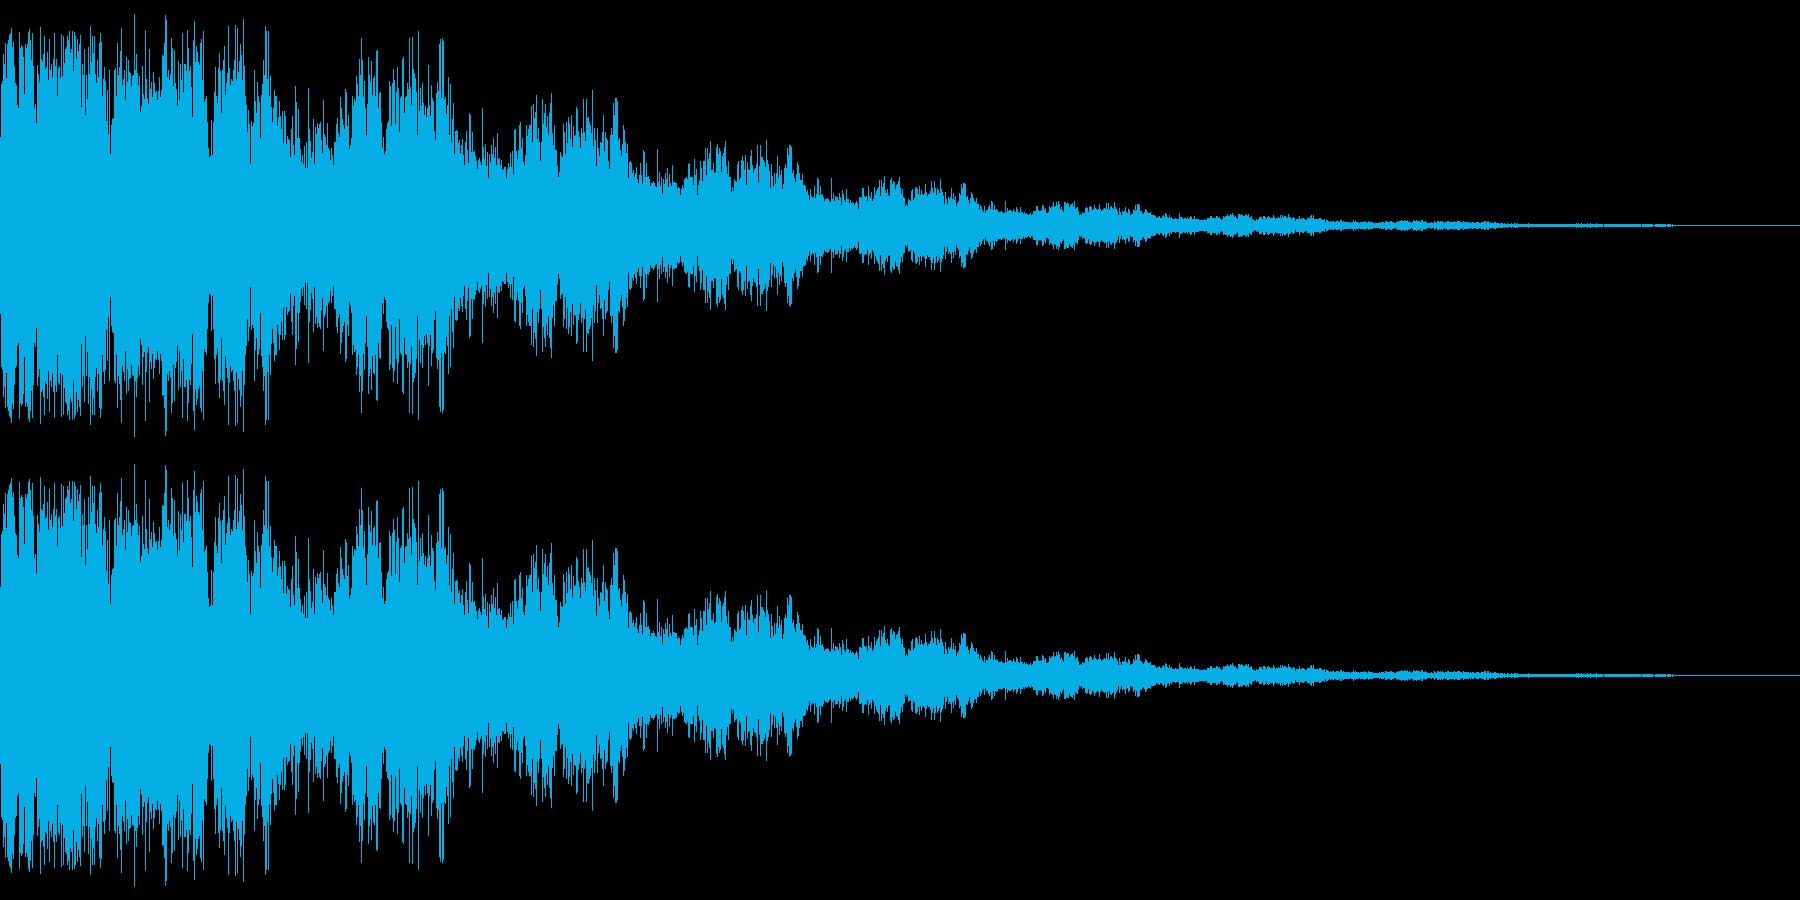 キラーン(弱め 星 光 希望)の再生済みの波形